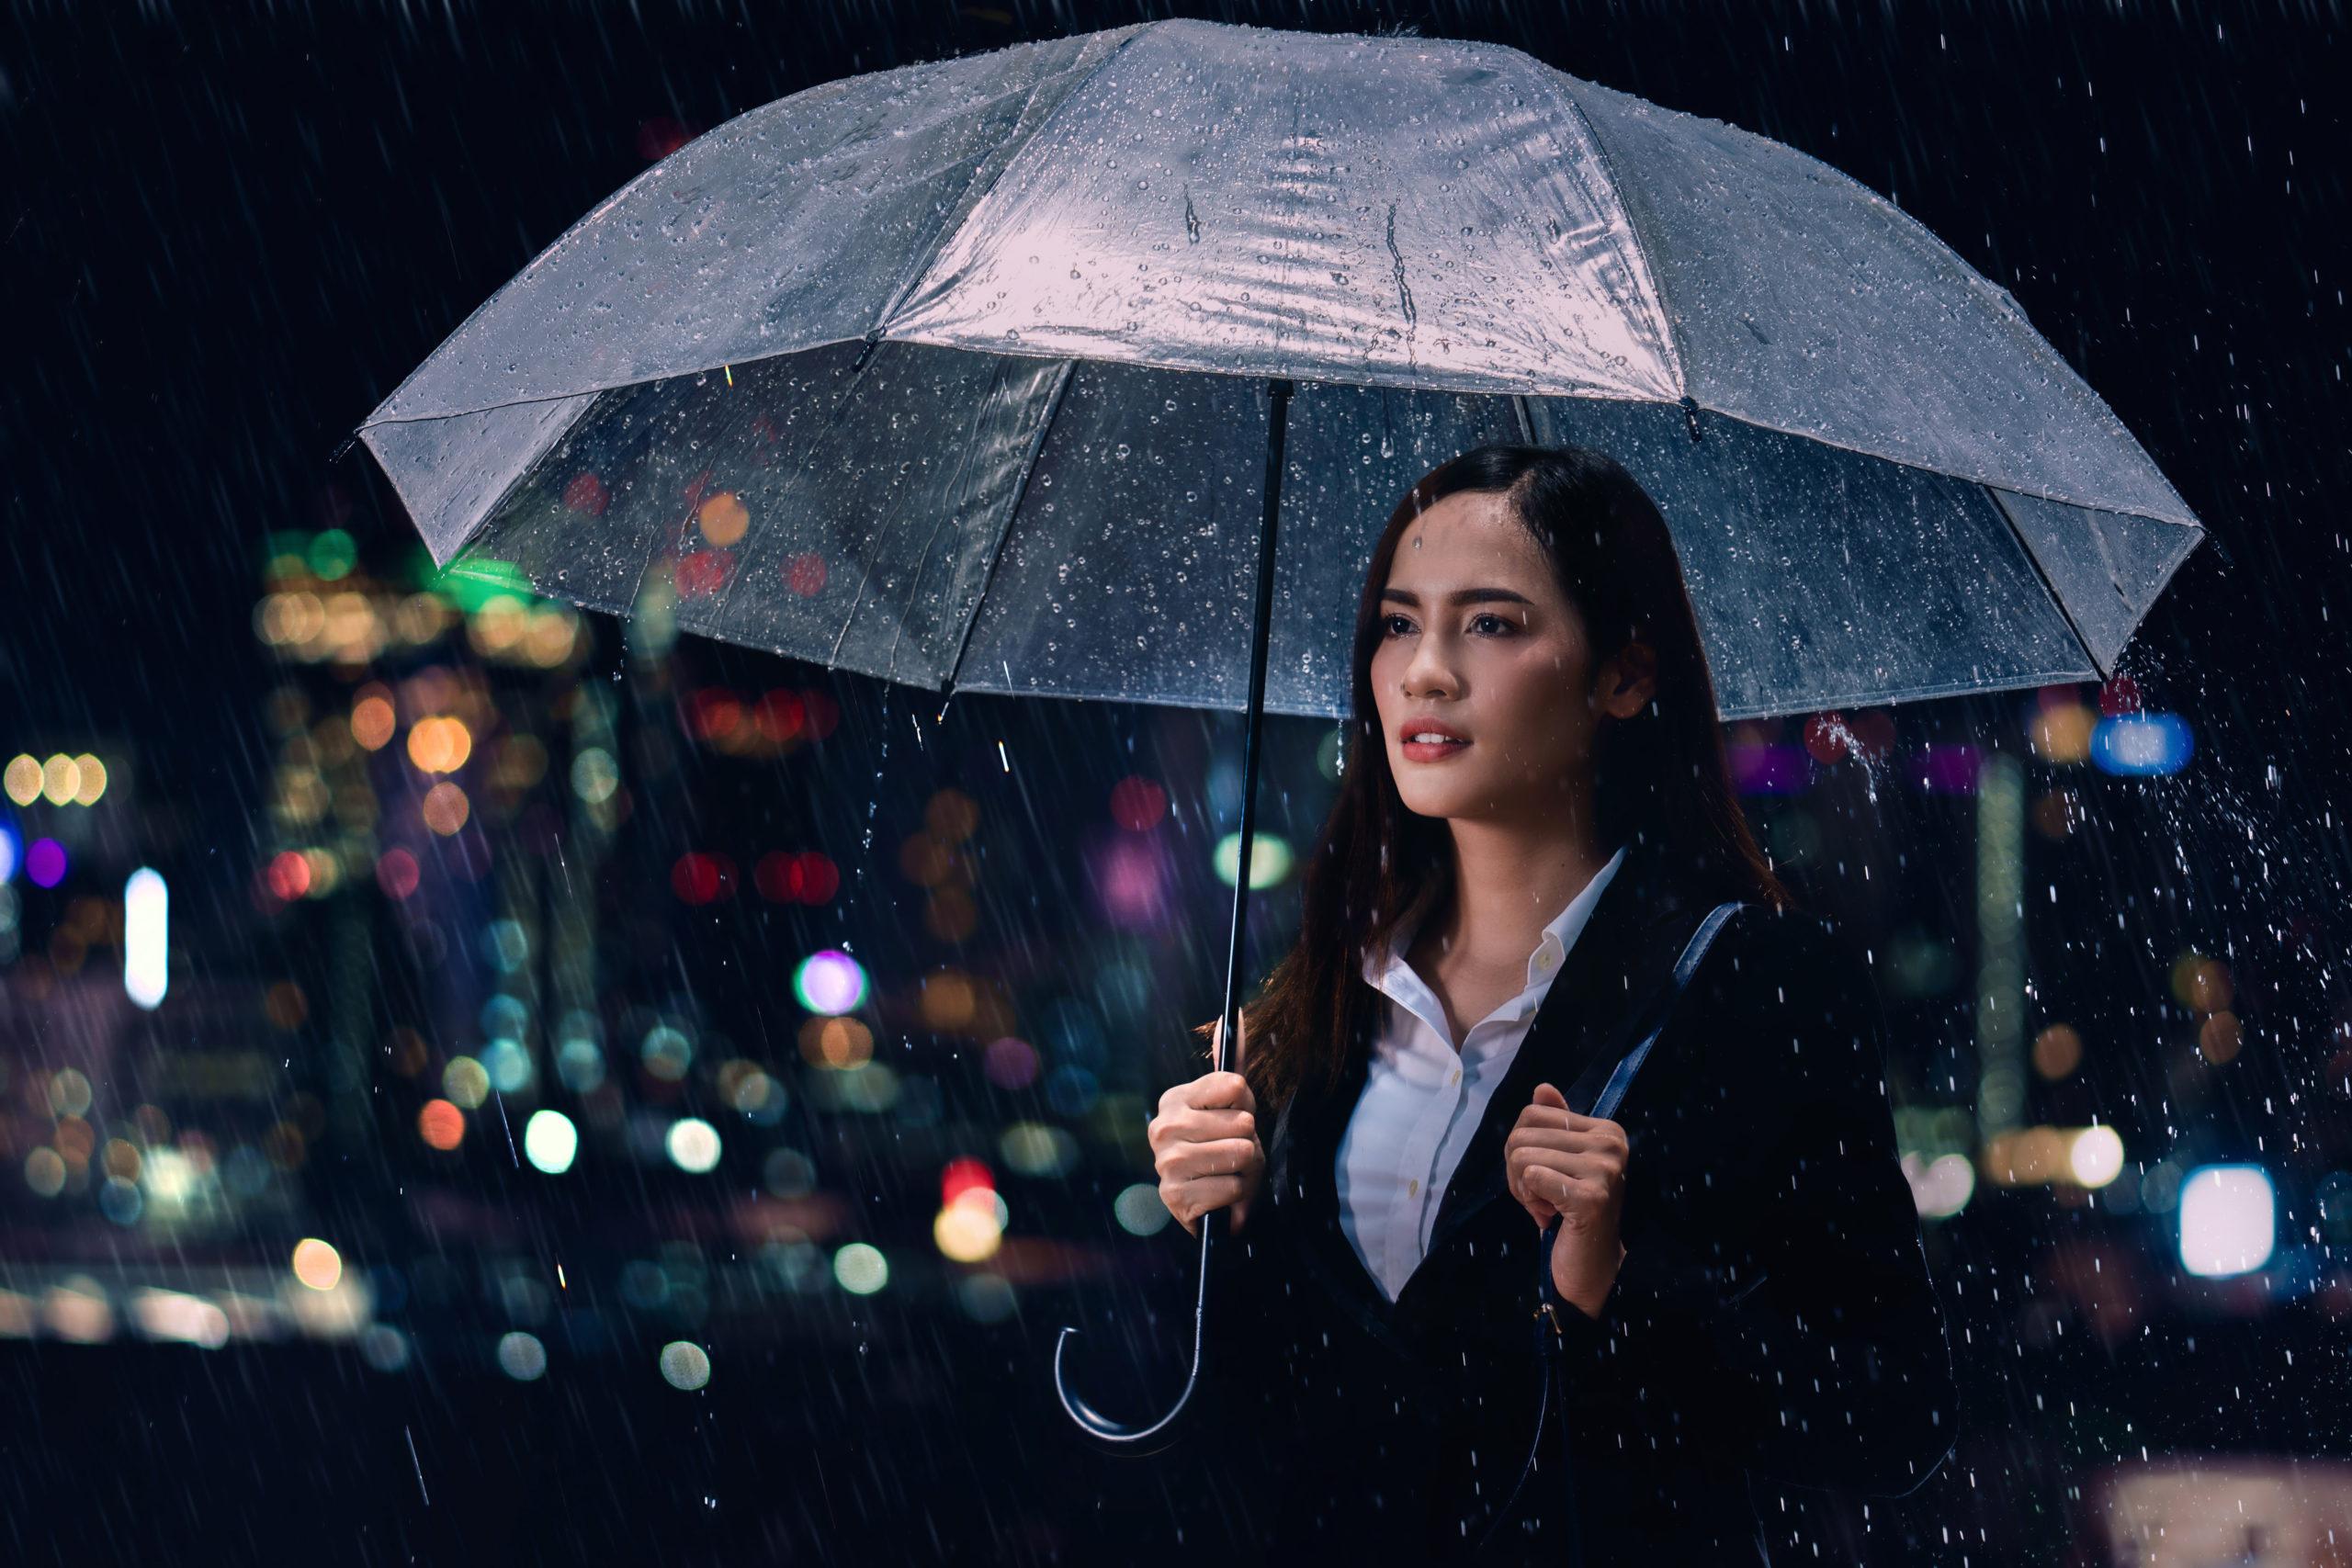 Femme d'affaires avec parapluie sous la pluie.